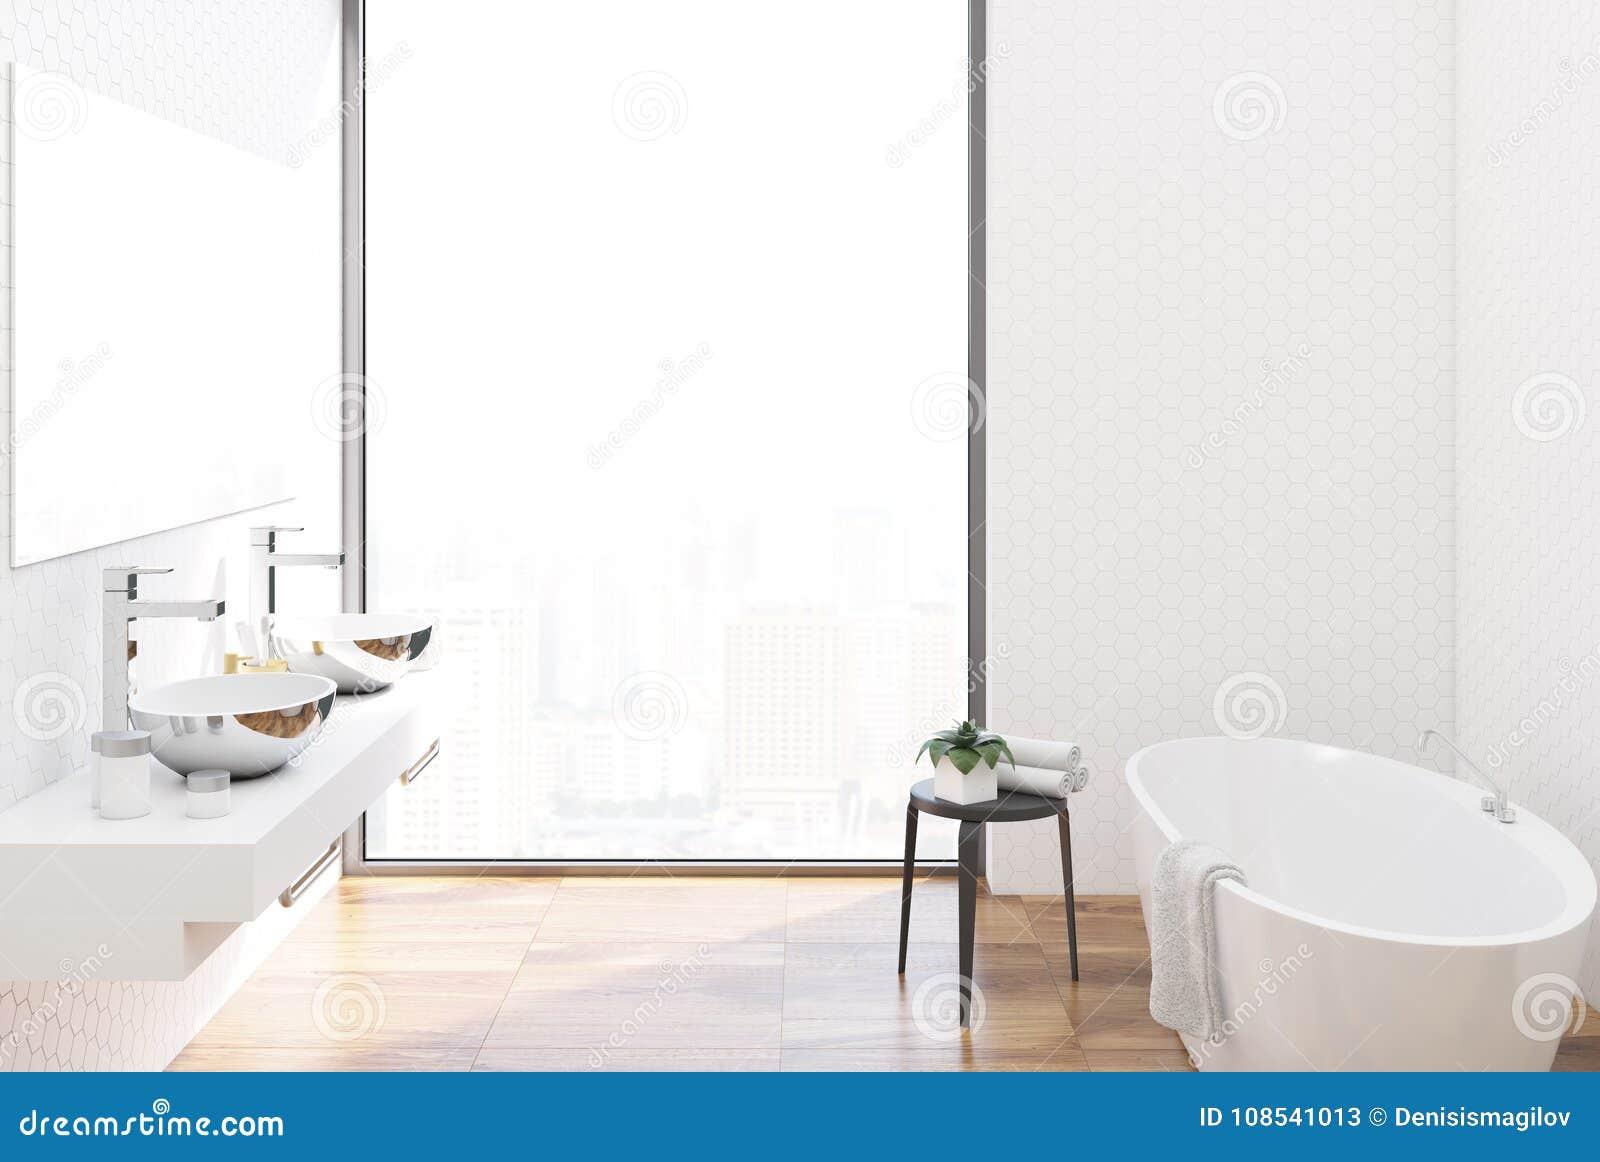 White Tiled Bathroom, Metal Sinks Stock Illustration - Illustration ...